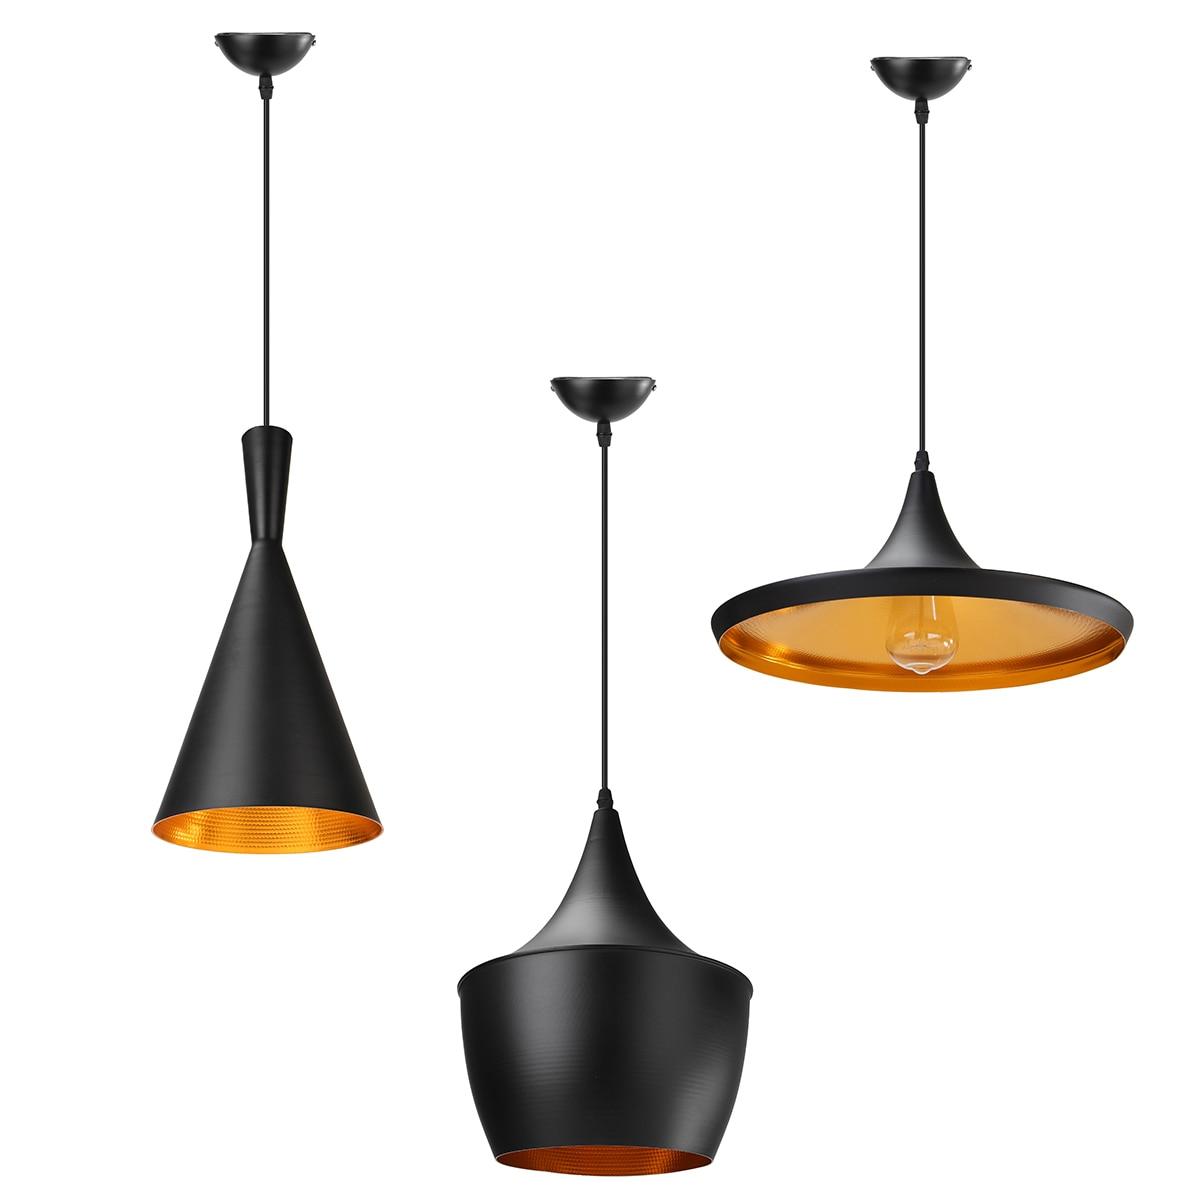 3 stil Vintage Retro Horn Form Licht Hängen Einzel Kronleuchter Lampe Kreative Beleuchtung Restaurant Bar Schlafzimmer Hängen Lampen